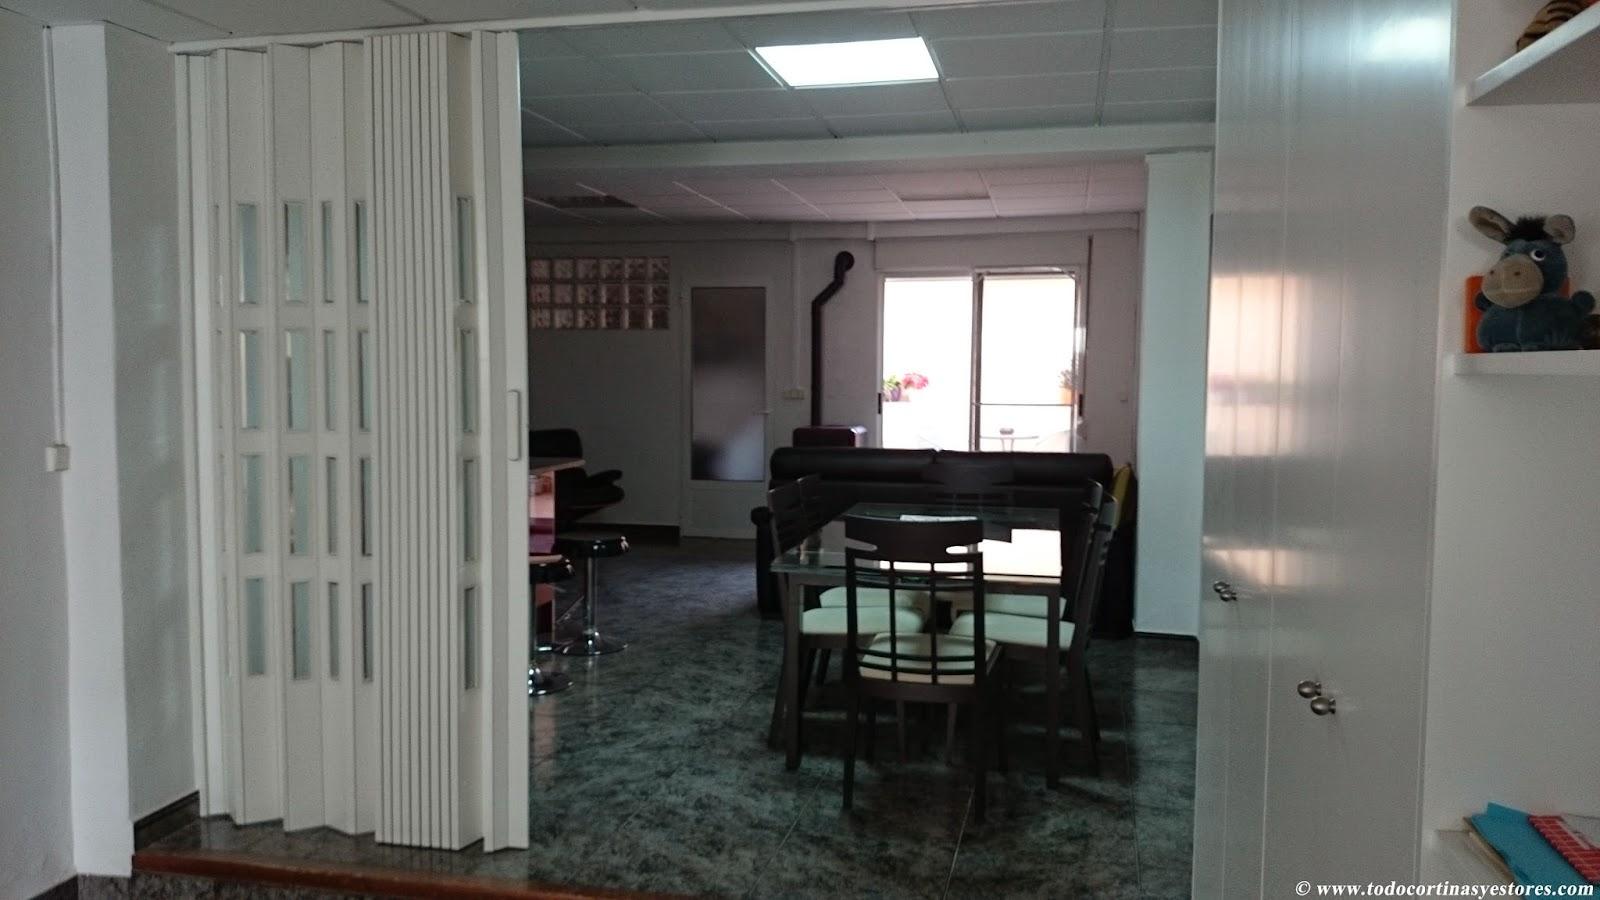 Decoracion interior cortinas verticales estores for Precios puertas interior blancas pvc